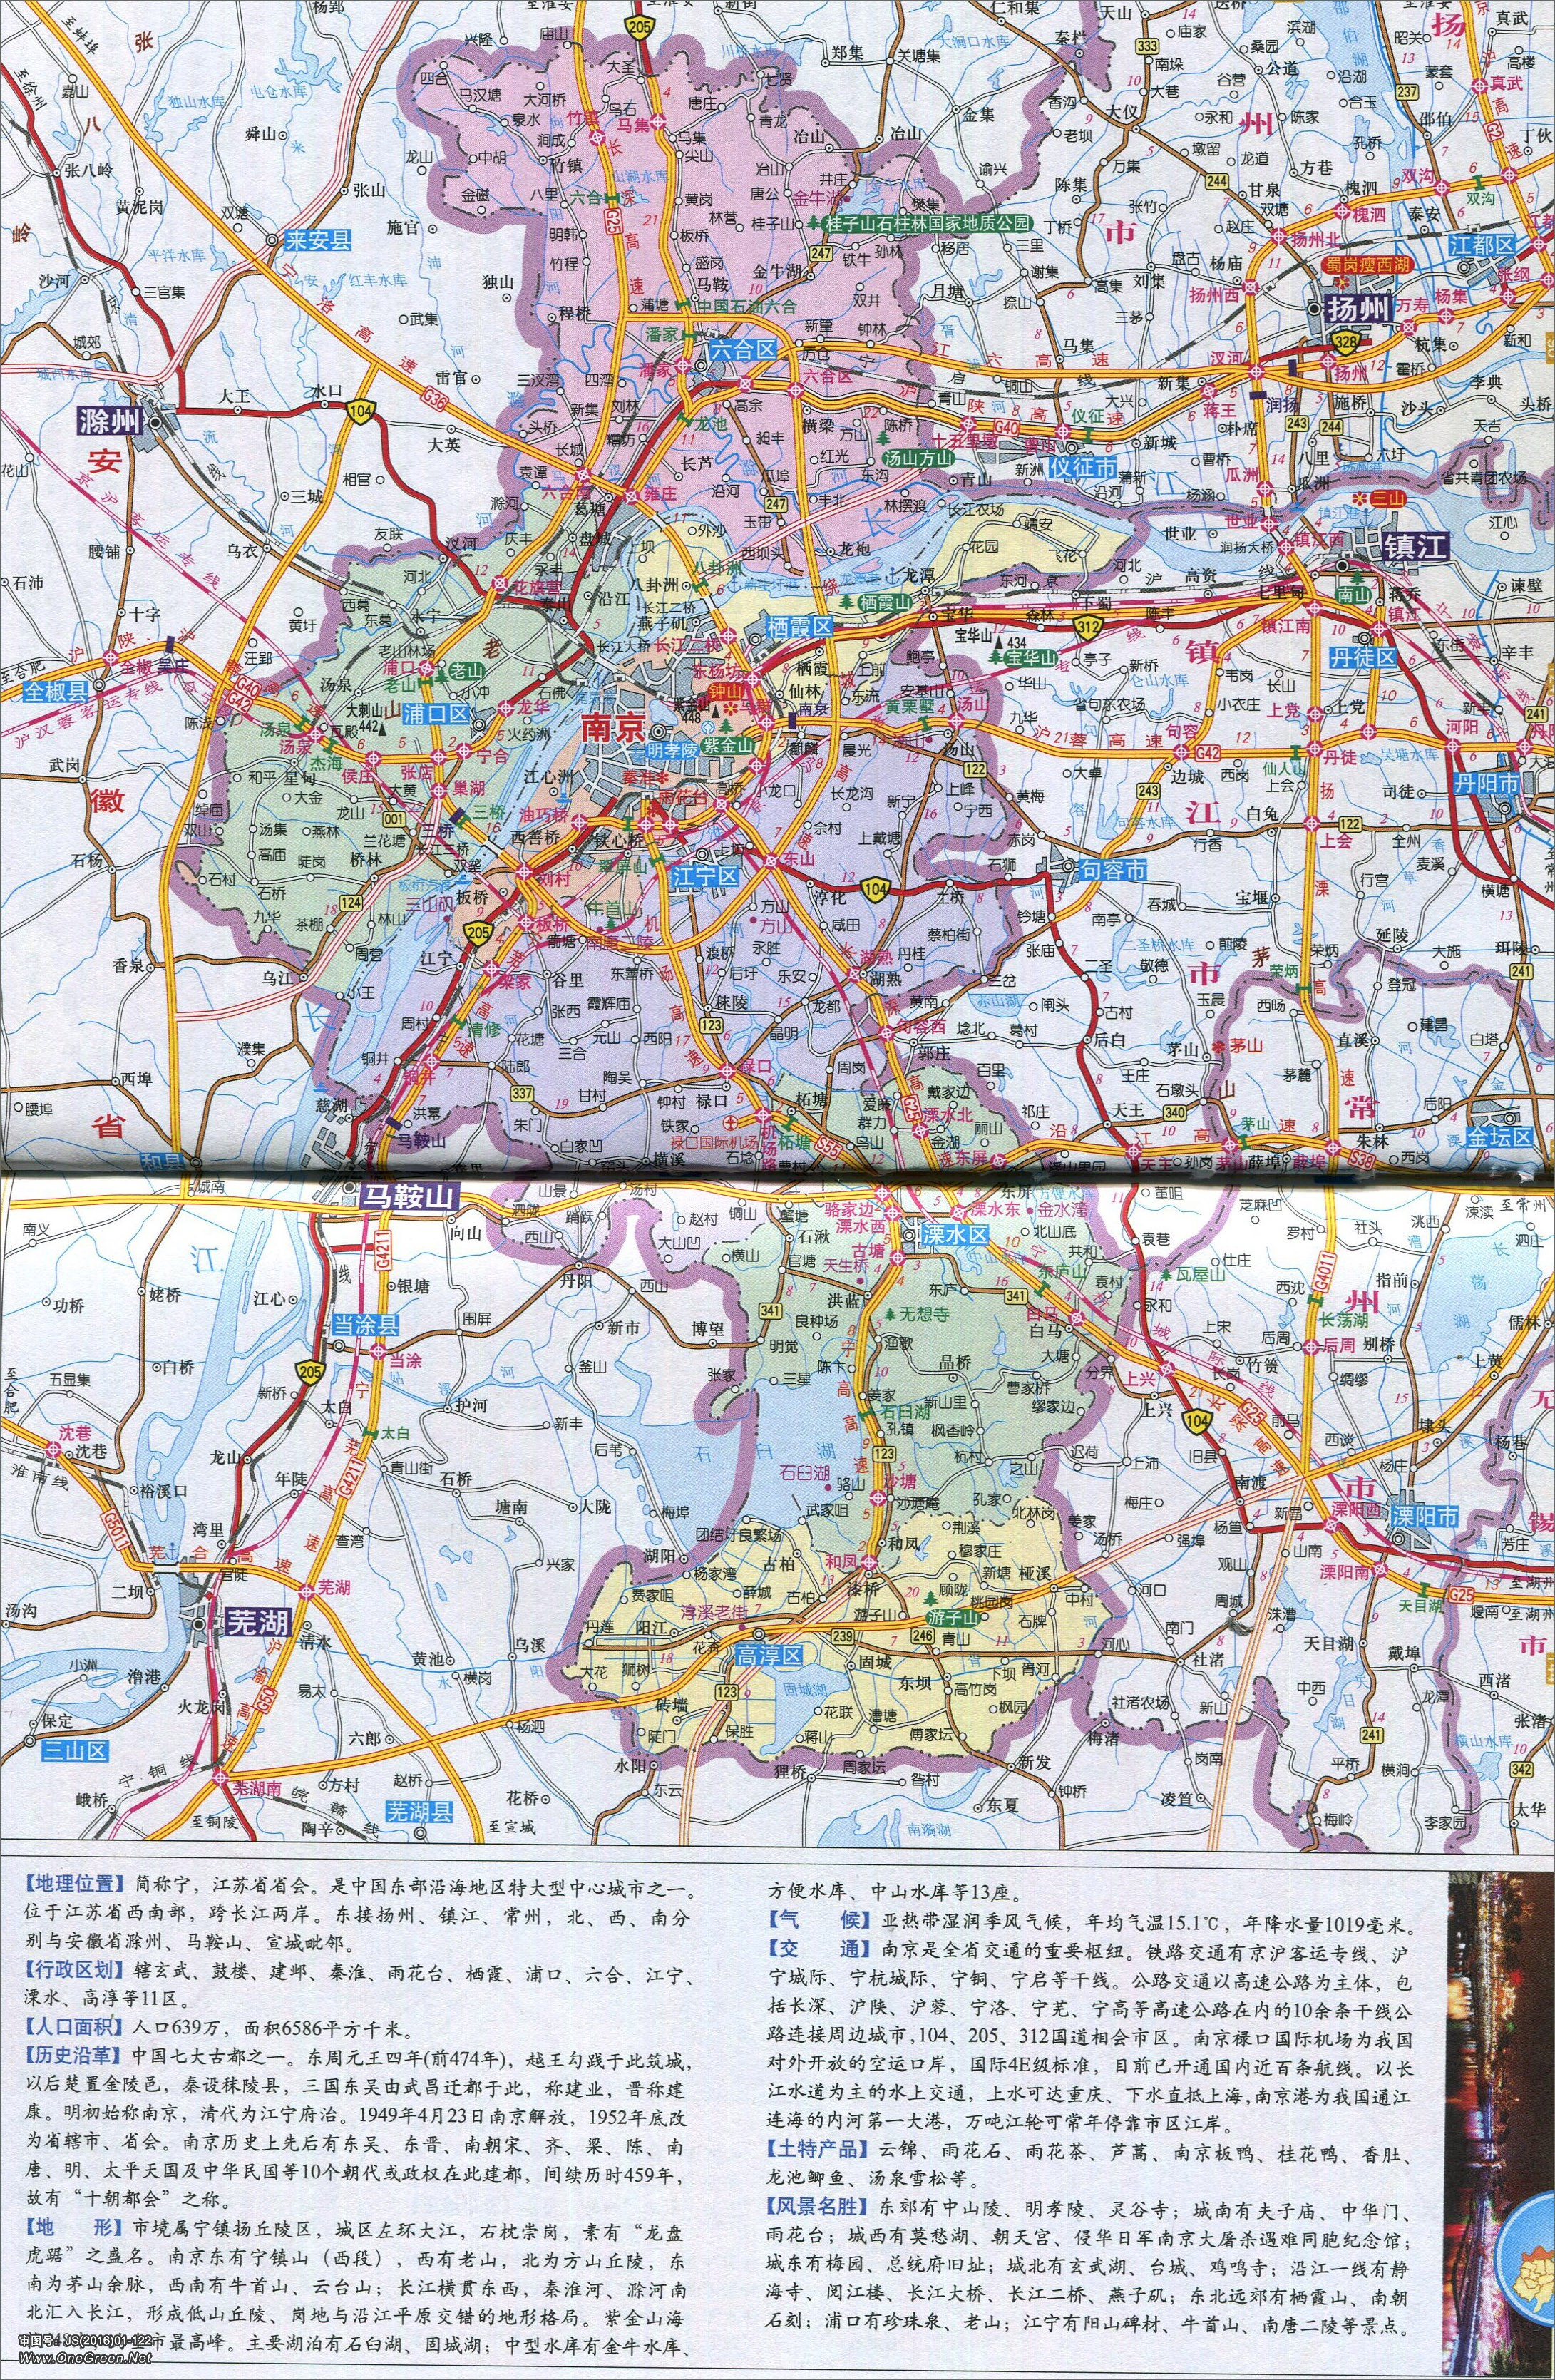 太原市地图_南京地图_南京市区地图全图高清版_地图窝